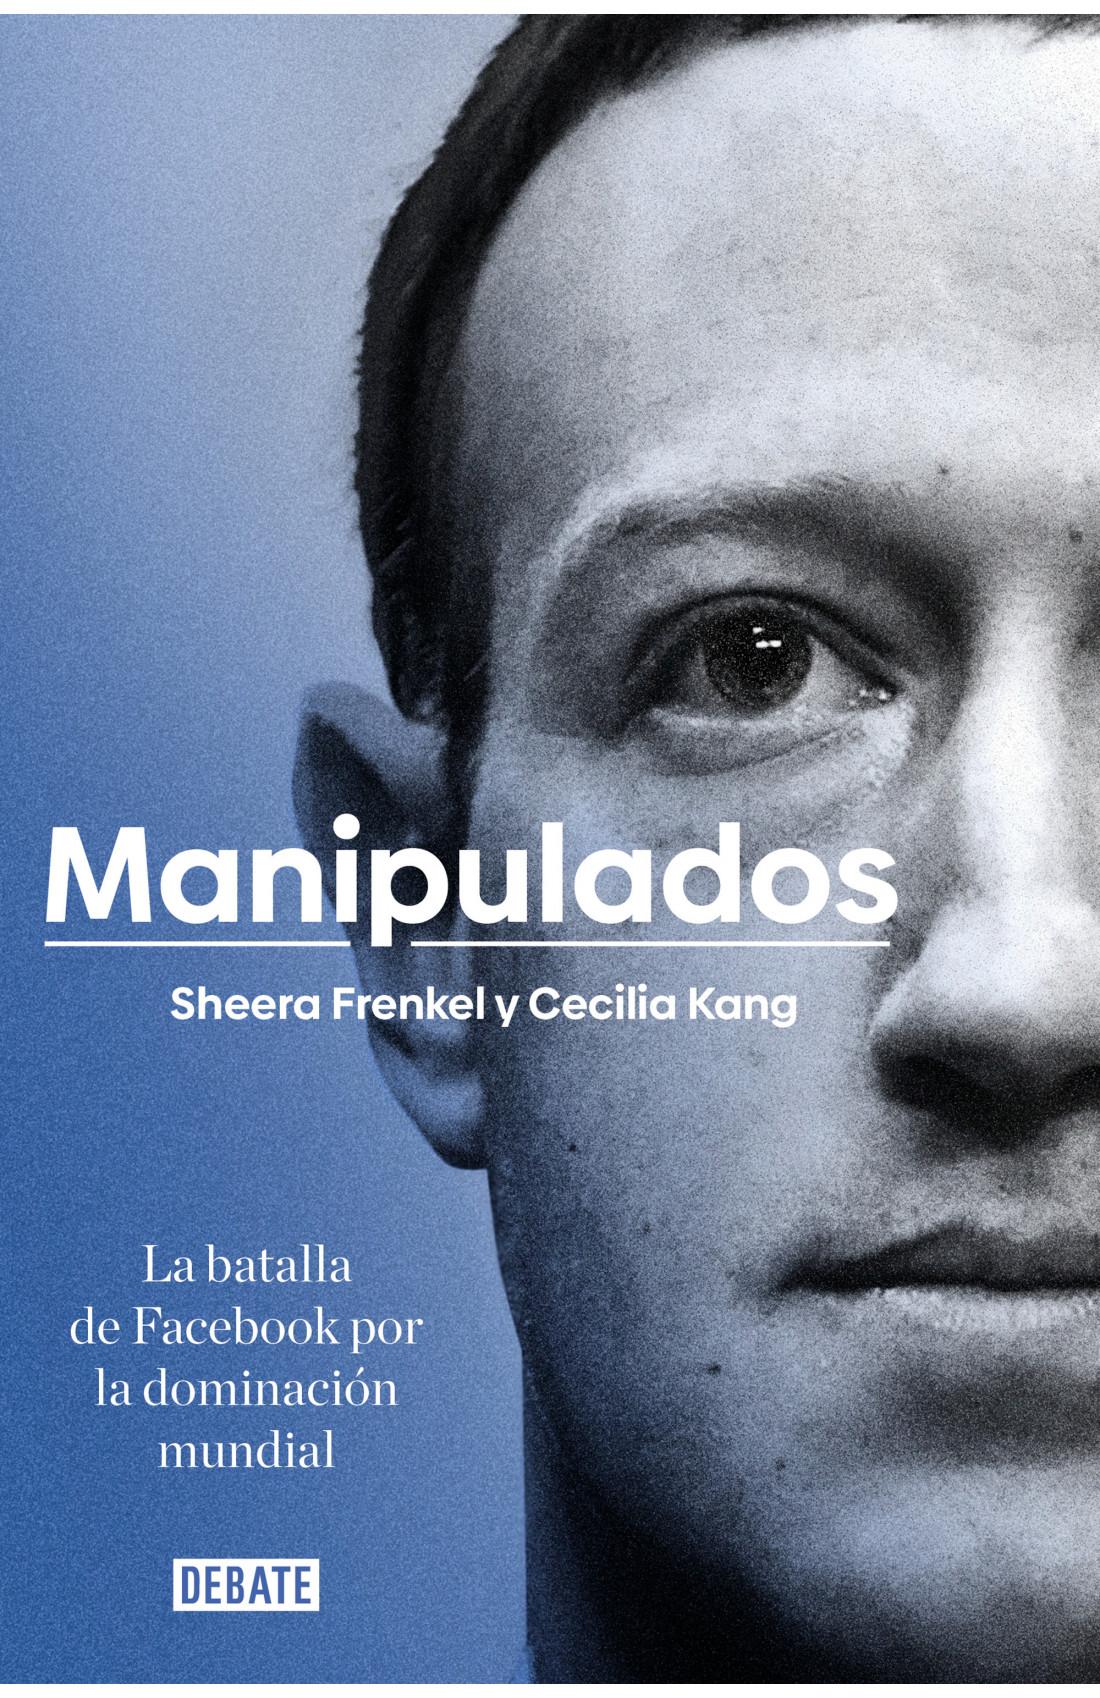 Manipulados - Sheera Frenkel y Cecilia Kong (Debate)